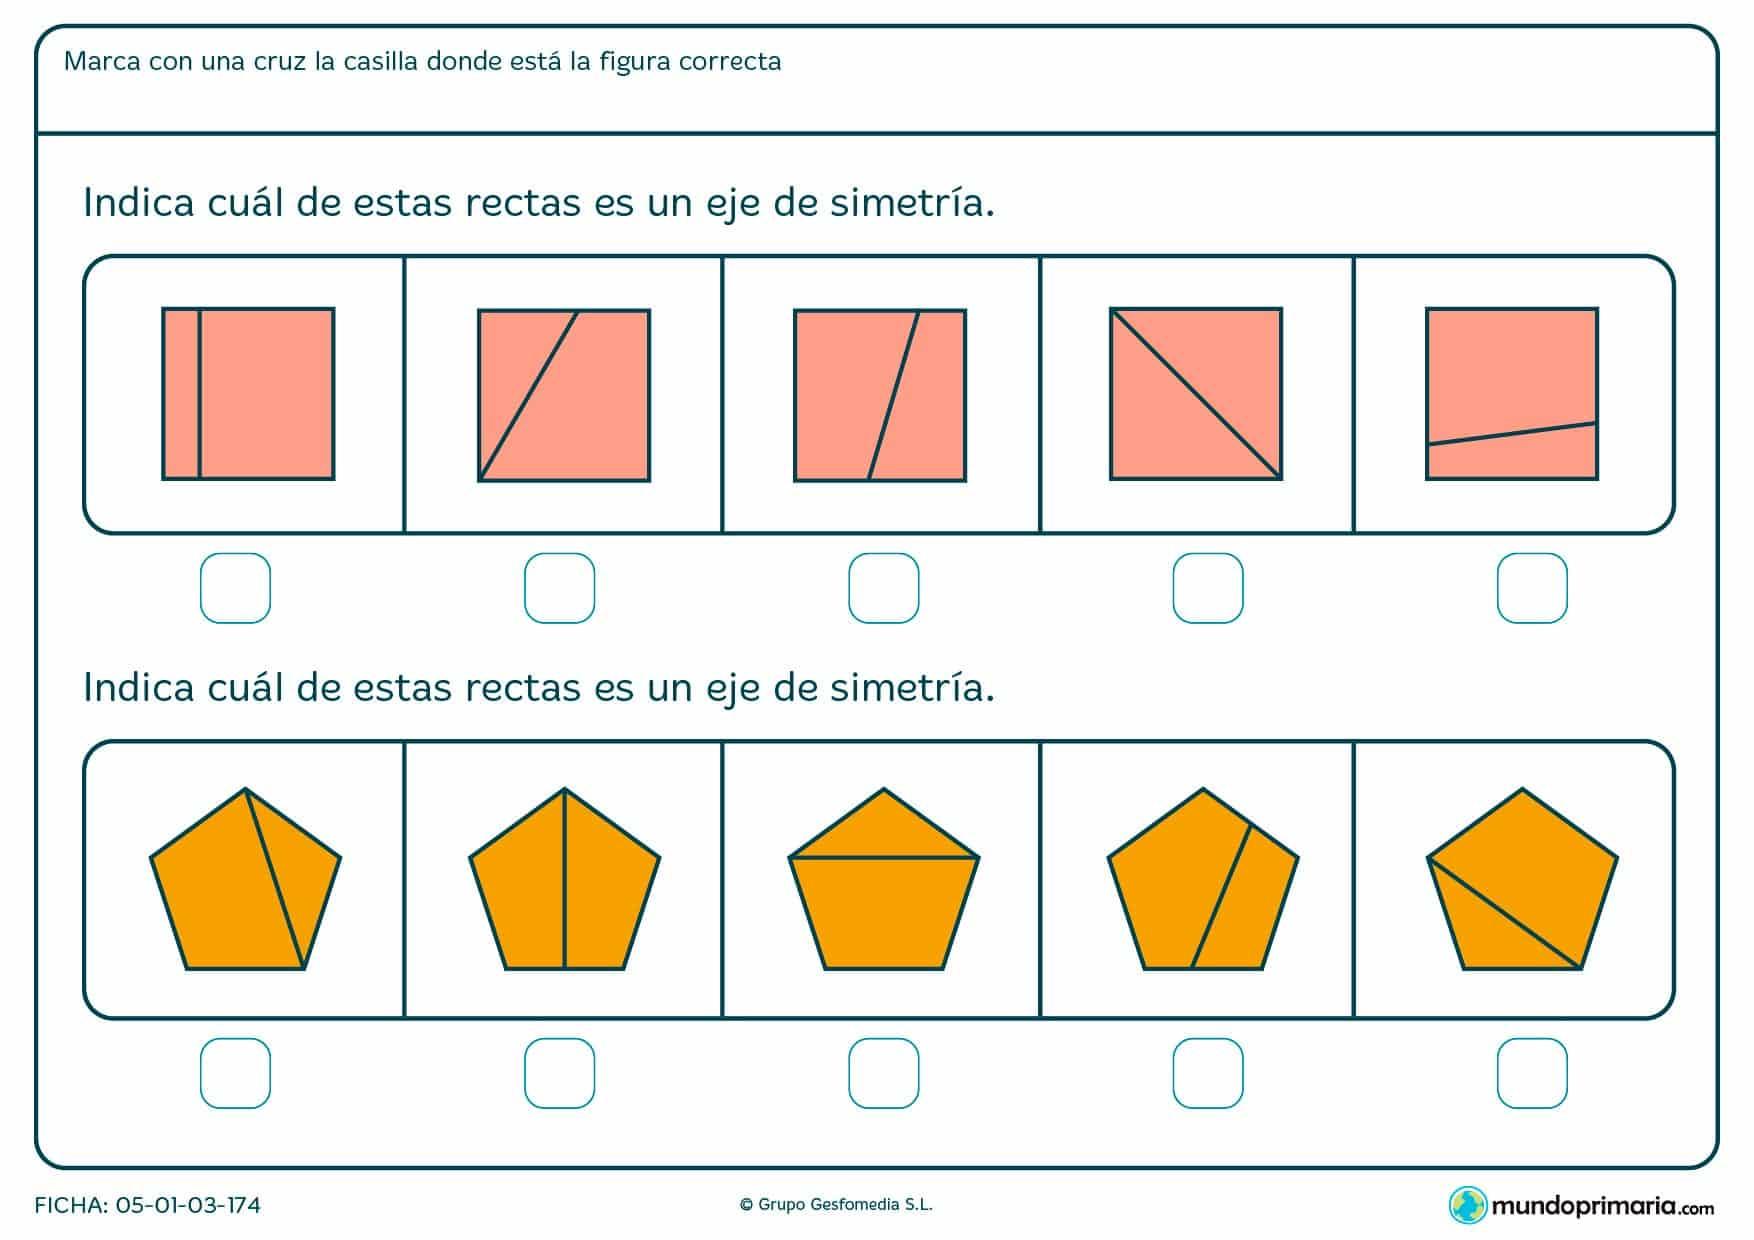 Ficha de eje de simetría de pentágonos y cuadrados para buscar cuál de ellos es eje de simetría.